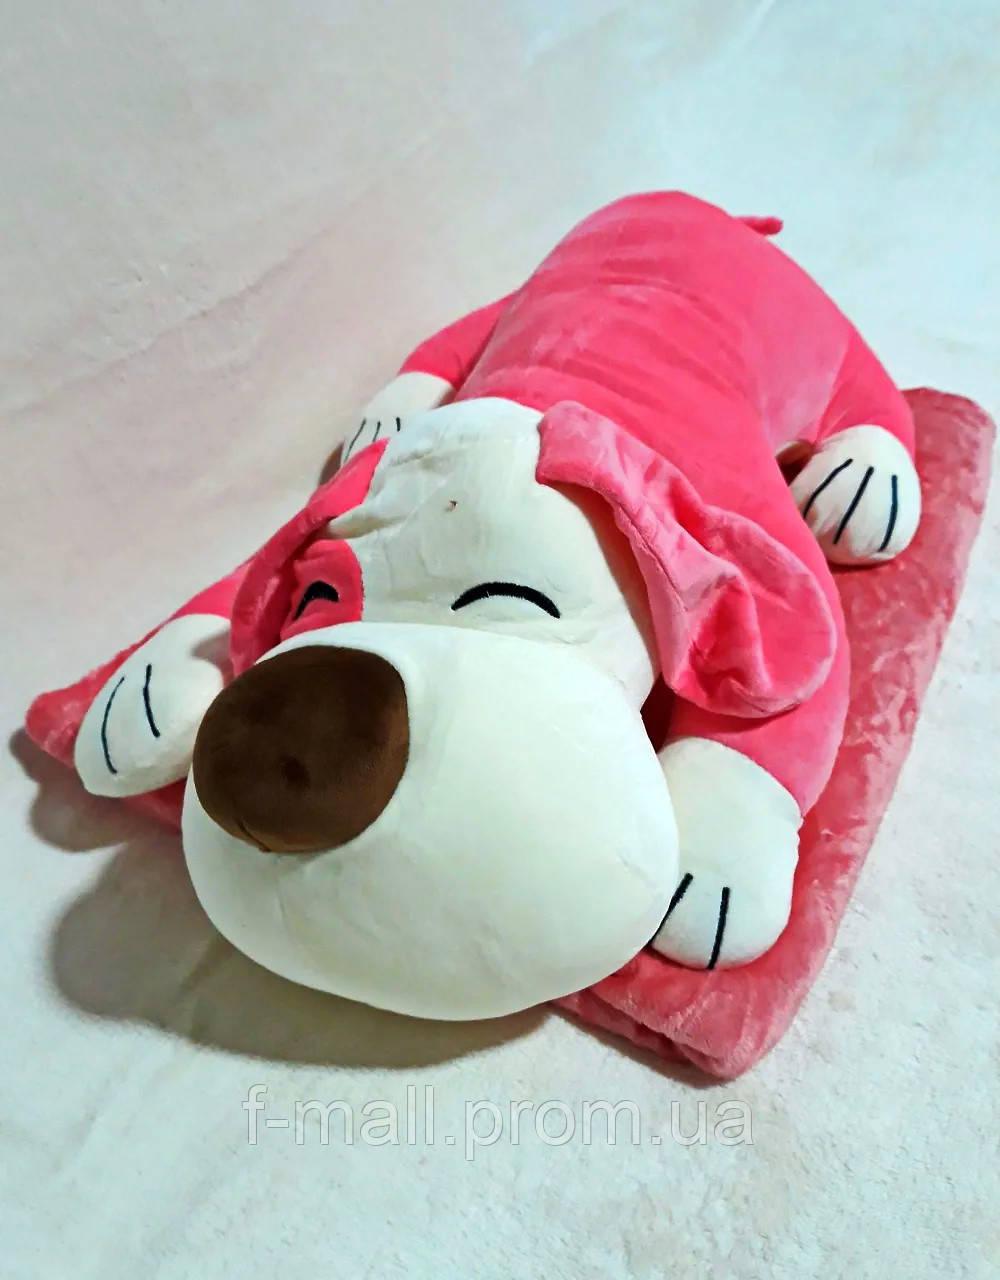 Плед мягкая игрушка 3 в 1 Собака розовая (18)